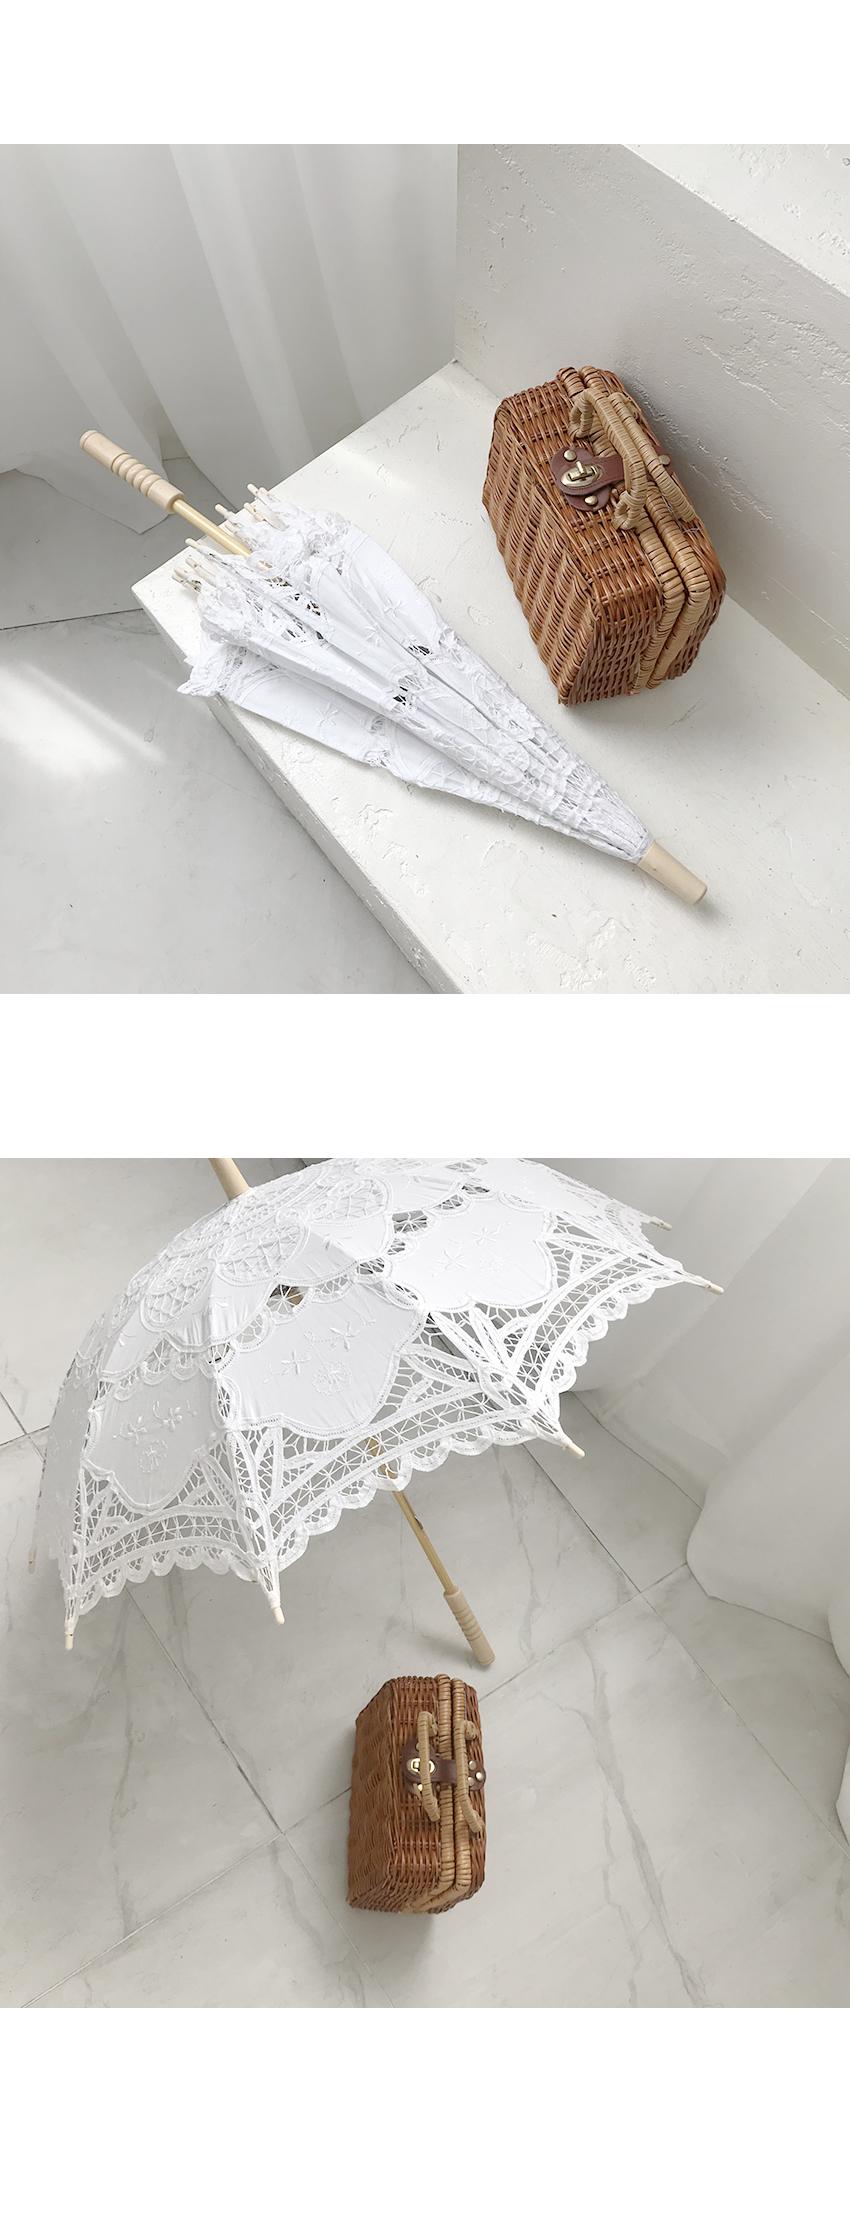 Lace Chang Yangshan